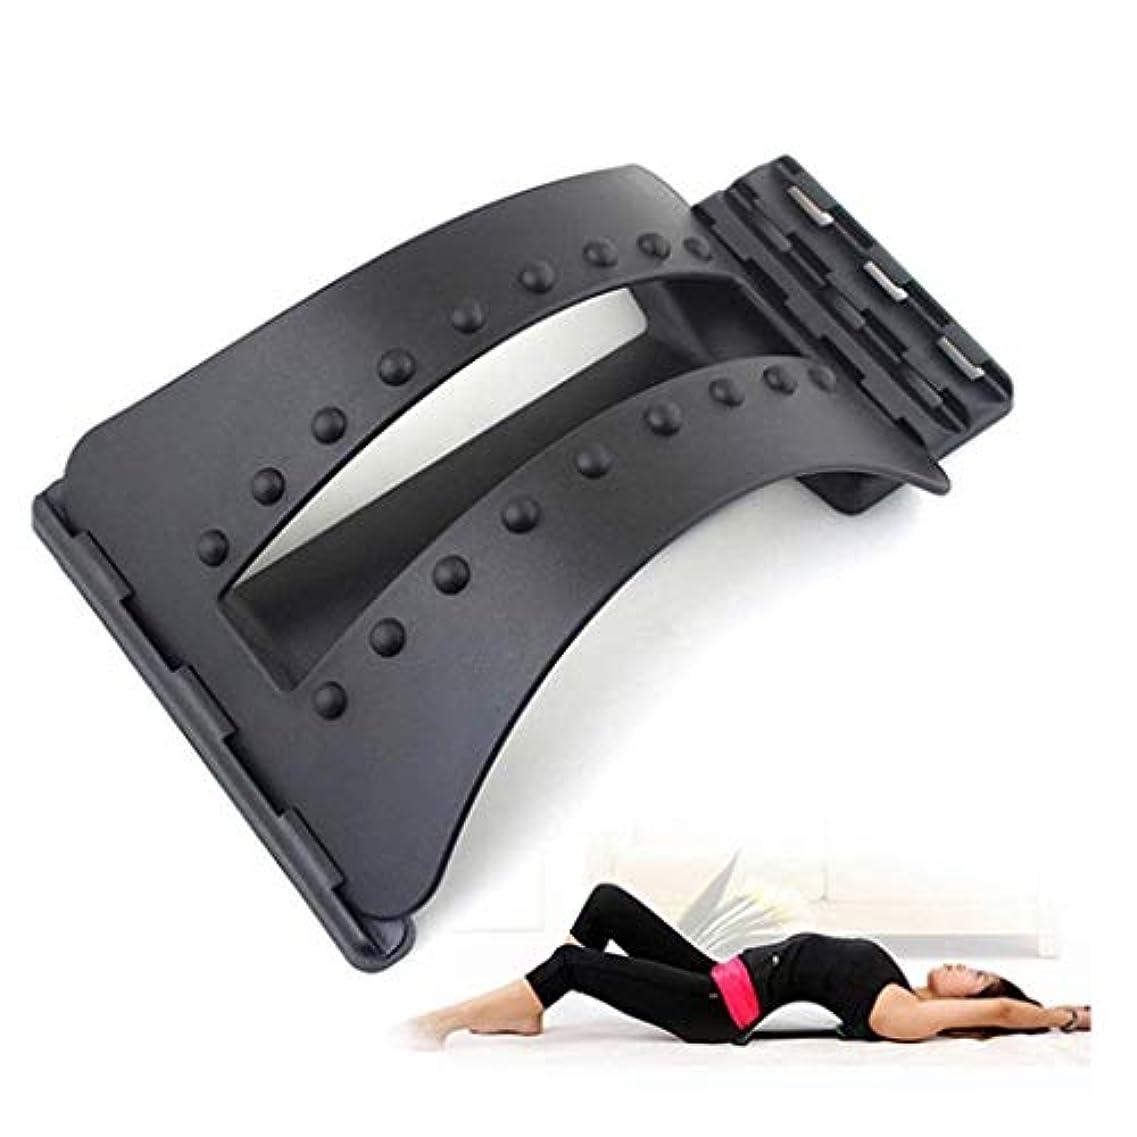 告発者ロイヤリティうつバックマッサージ、マジックバックサポートとストレッチストレッチャーマジックストレッチャーバックストレッチャー腰椎サポートデバイスリラクゼーションパートナー脊椎の痛みを軽減する脊椎マッサージ療法